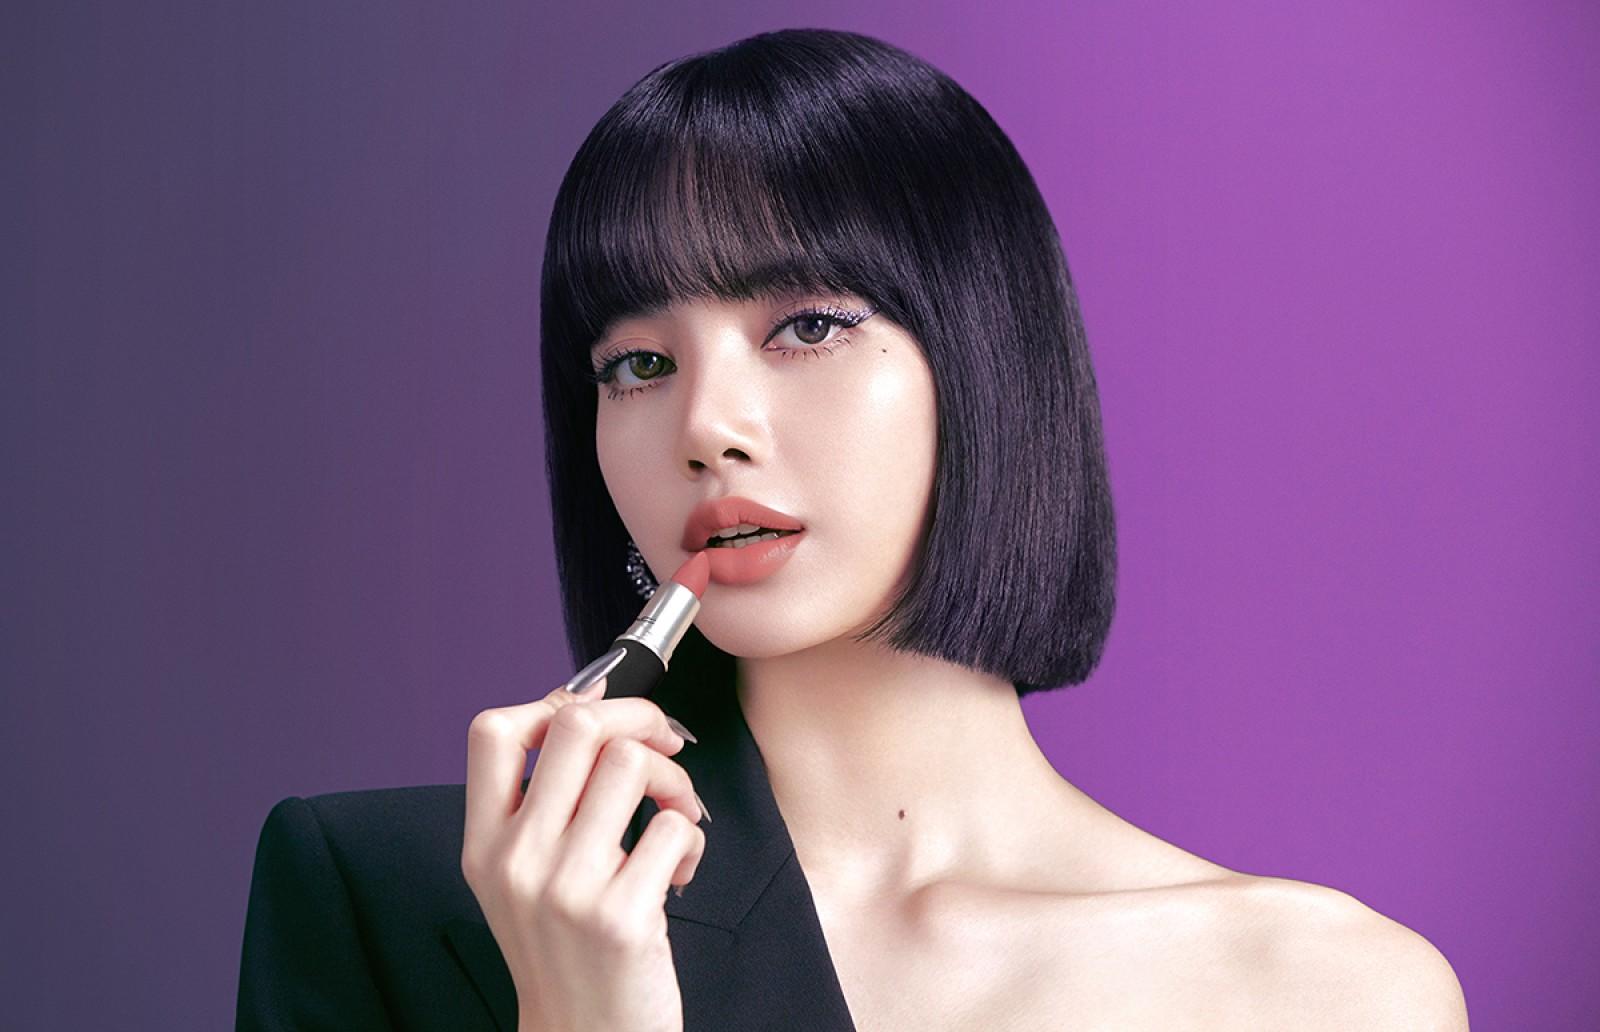 Lisa de Blackpink es la nueva embajadora de M.A.C Cosmetics